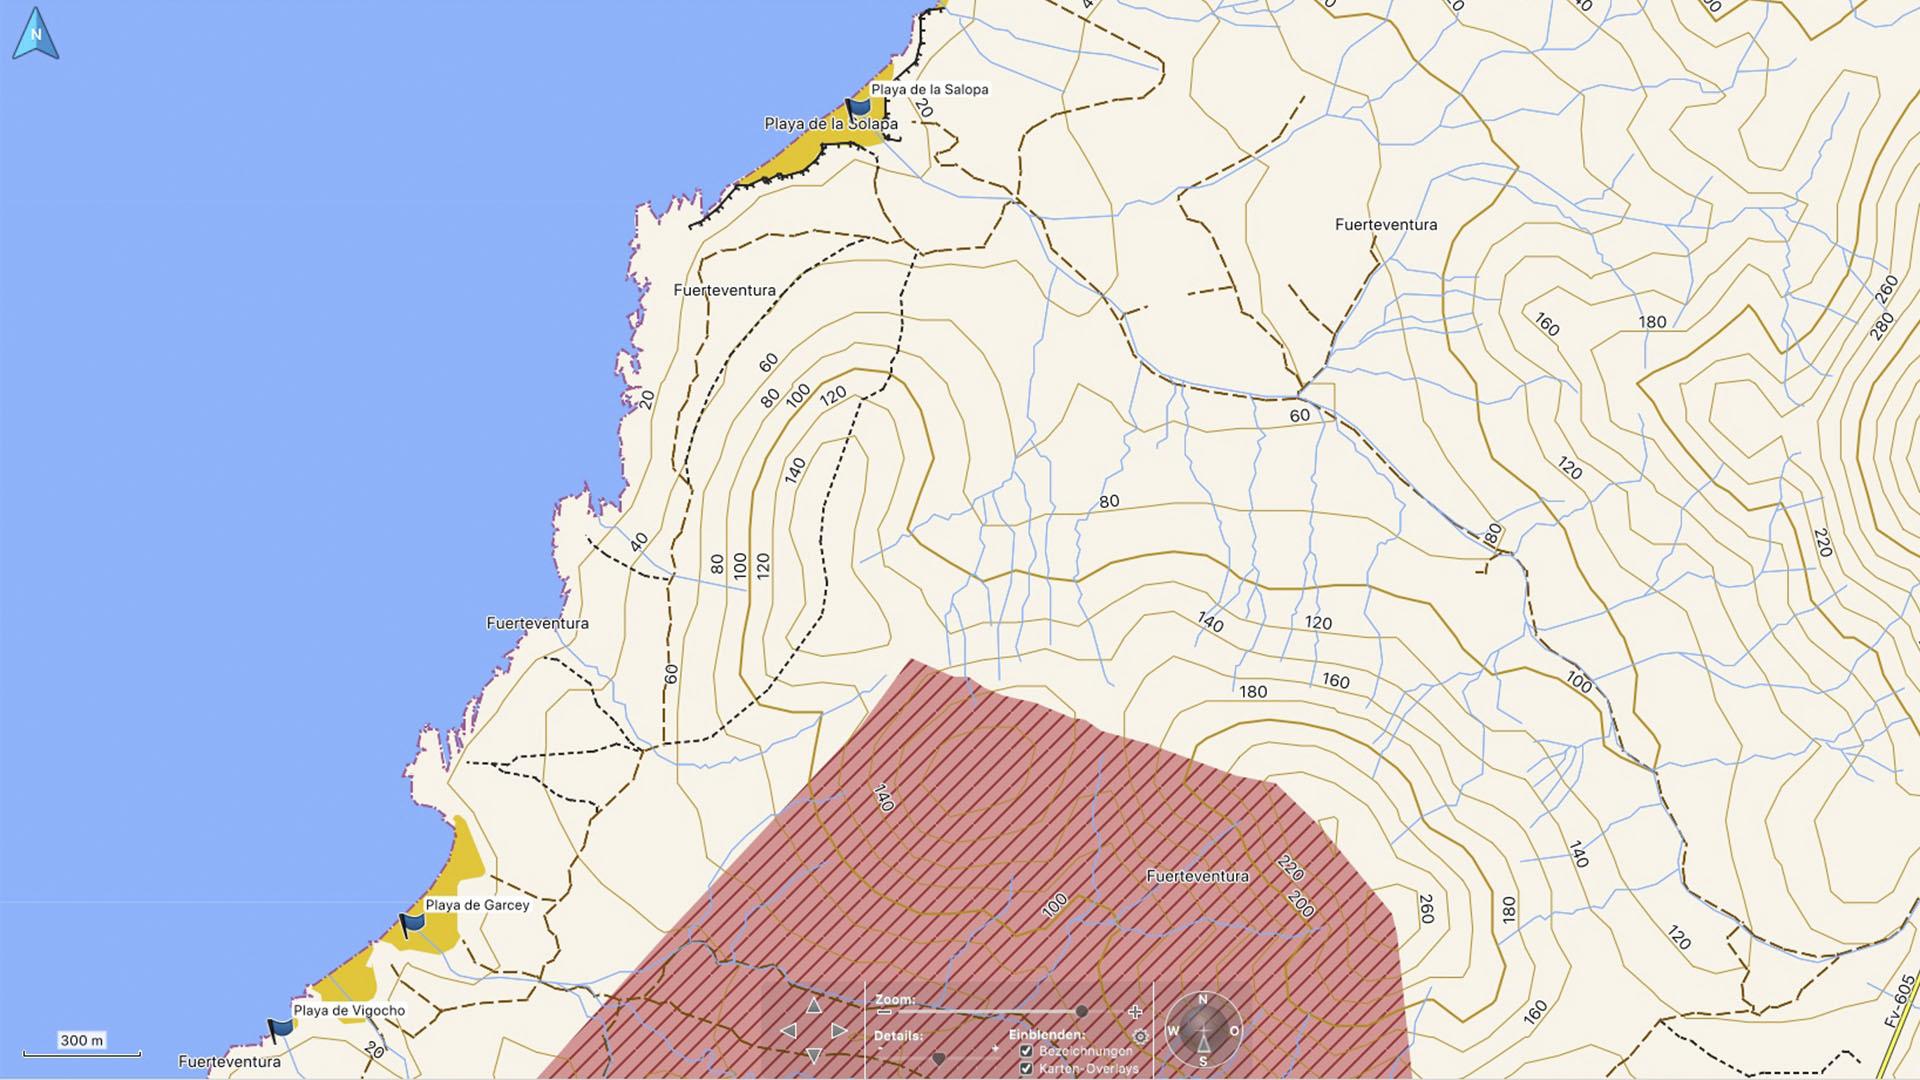 Fuerteventura Karte der Straende: Die Strände von Pajara.